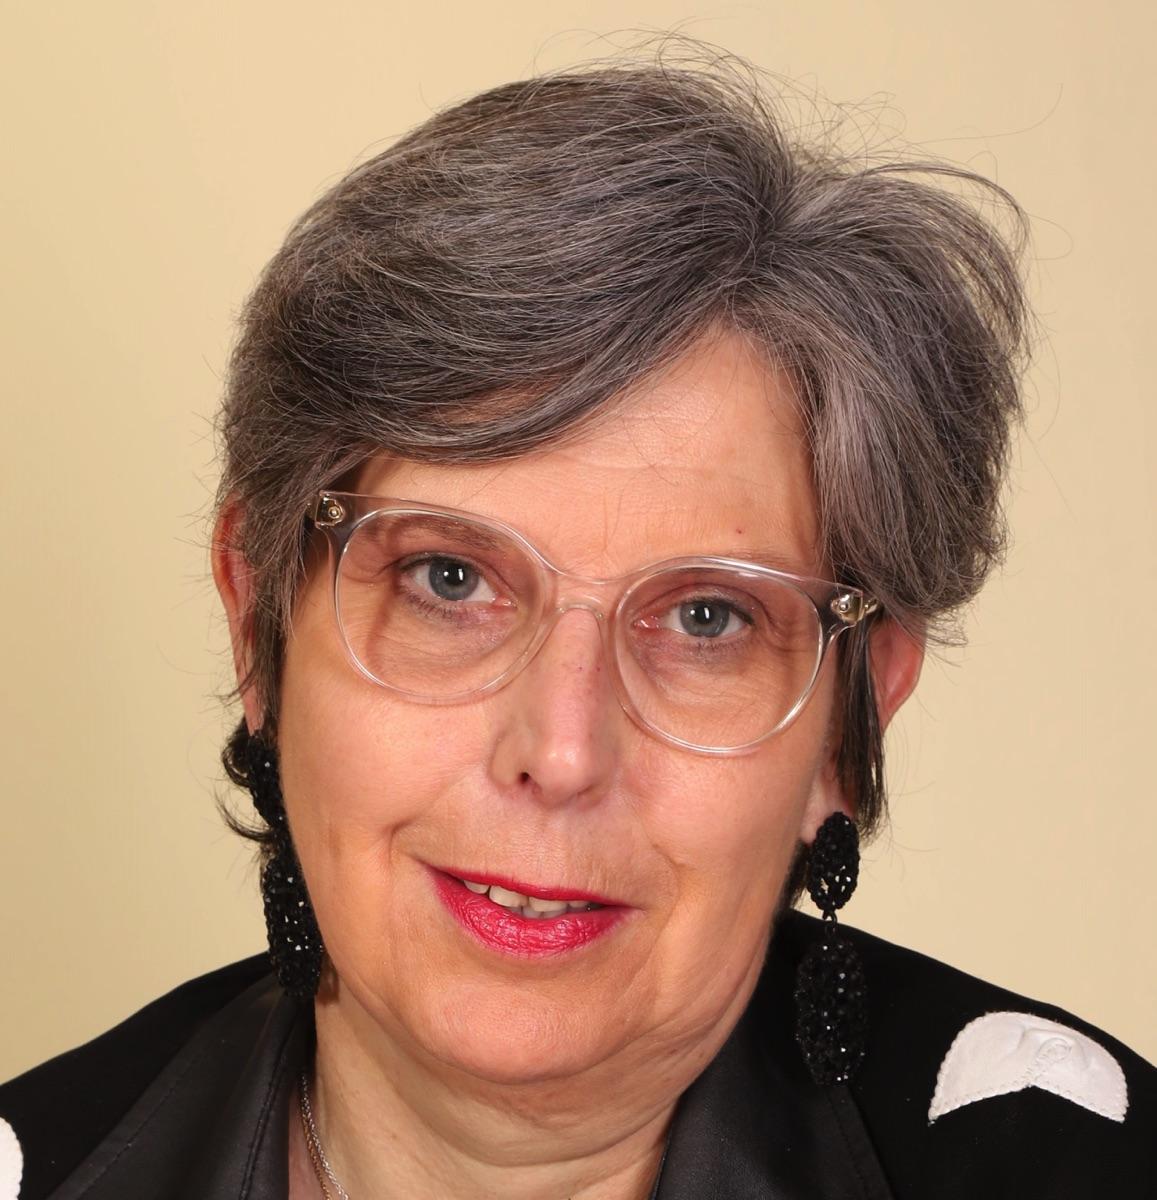 6 Françoise VAN CANNEYT Resized.jpg